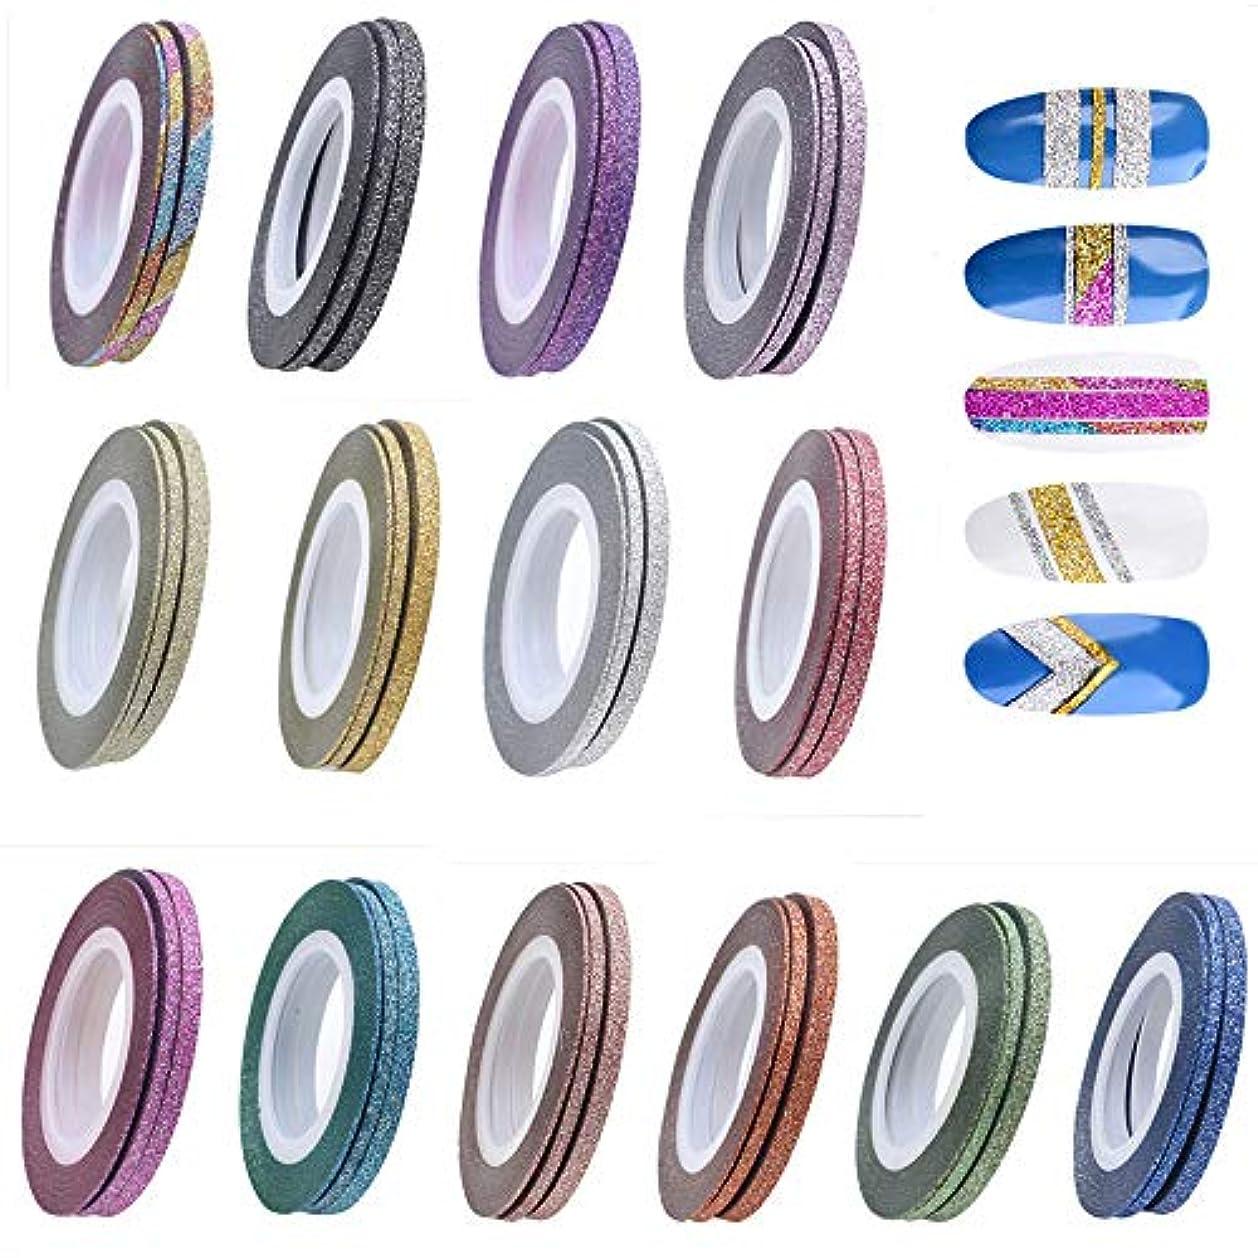 毒性ノミネート影響力のあるネイルアート 艶消しラインテープ 42個セット(1mm/2mm/3mm各14色)ネイルデザインパーツ